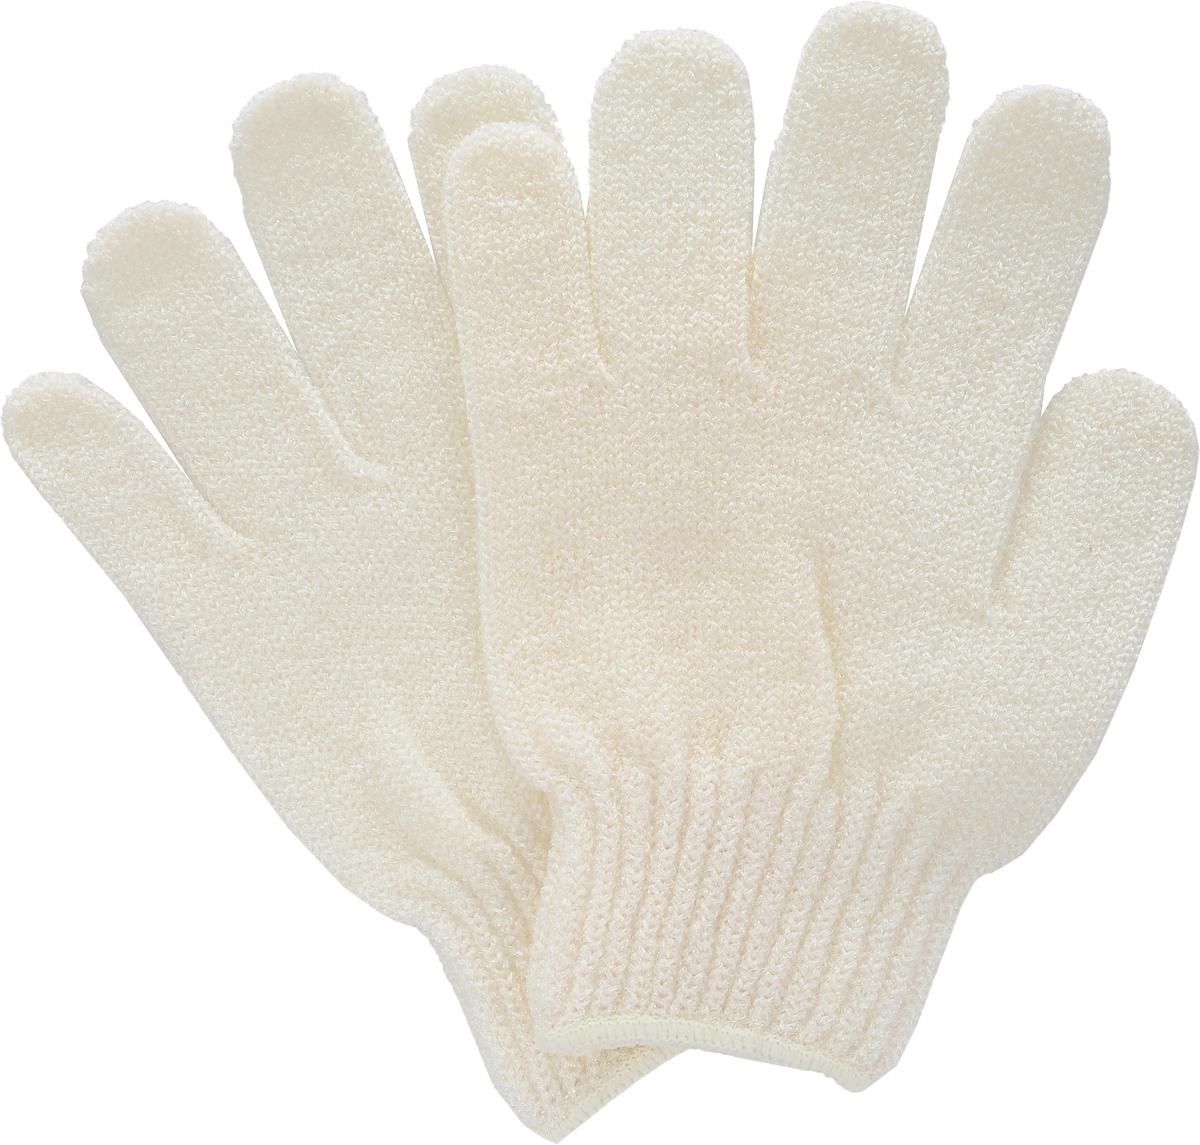 Перчатки для пилинга Riffi, цвет: молочный615_молочныйЭластичные безразмерные перчатки Riffi обладают активным антицеллюлитным эффектом и отличным пилинговым действием, тонизируя, массируя и эффективно очищая вашу кожу.Перчатки Riffi освобождает кожу от отмерших клеток, стимулирует регенерацию. Эффективно предупреждают образование целлюлита и обеспечивают омолаживающий эффект. Кожа становится гладкой, упругой и лучше готовой к принятию косметических средств. Интенсивный и пощипывающий свежий массаж тела с применением перчаток Riffi стимулирует кровообращение, активирует кровоснабжение, способствует обмену веществ. В комплекте 1 пара перчаток.